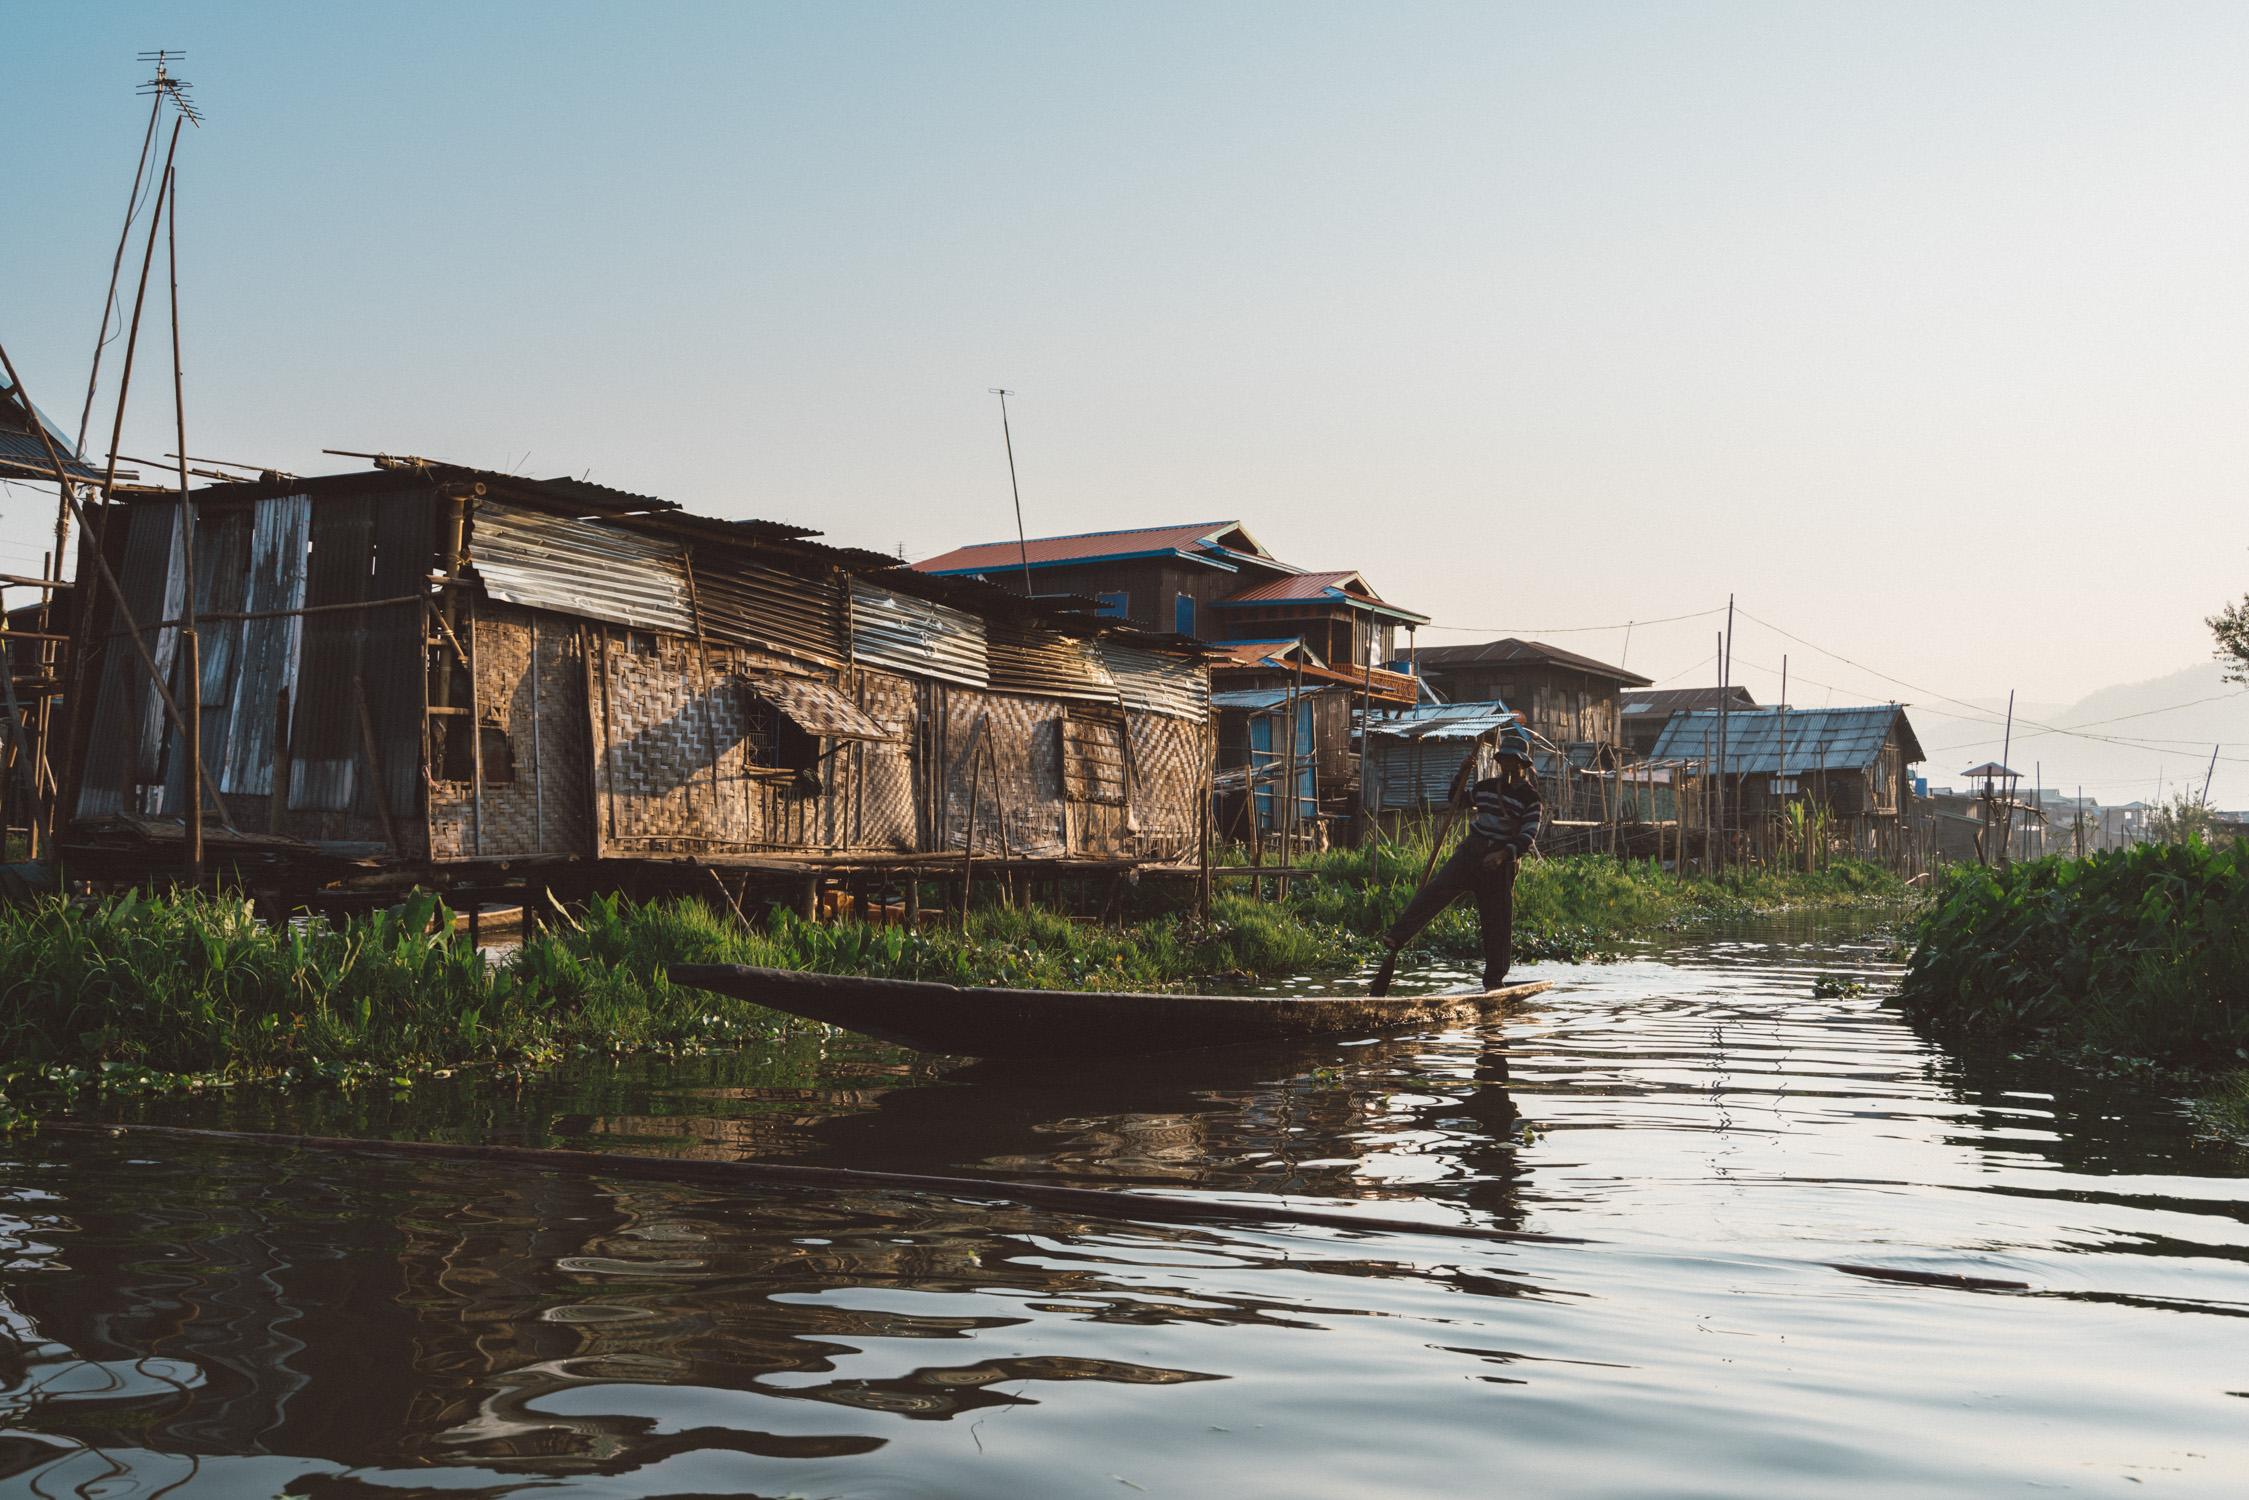 Village in Inle Lake Burma [David Tan]